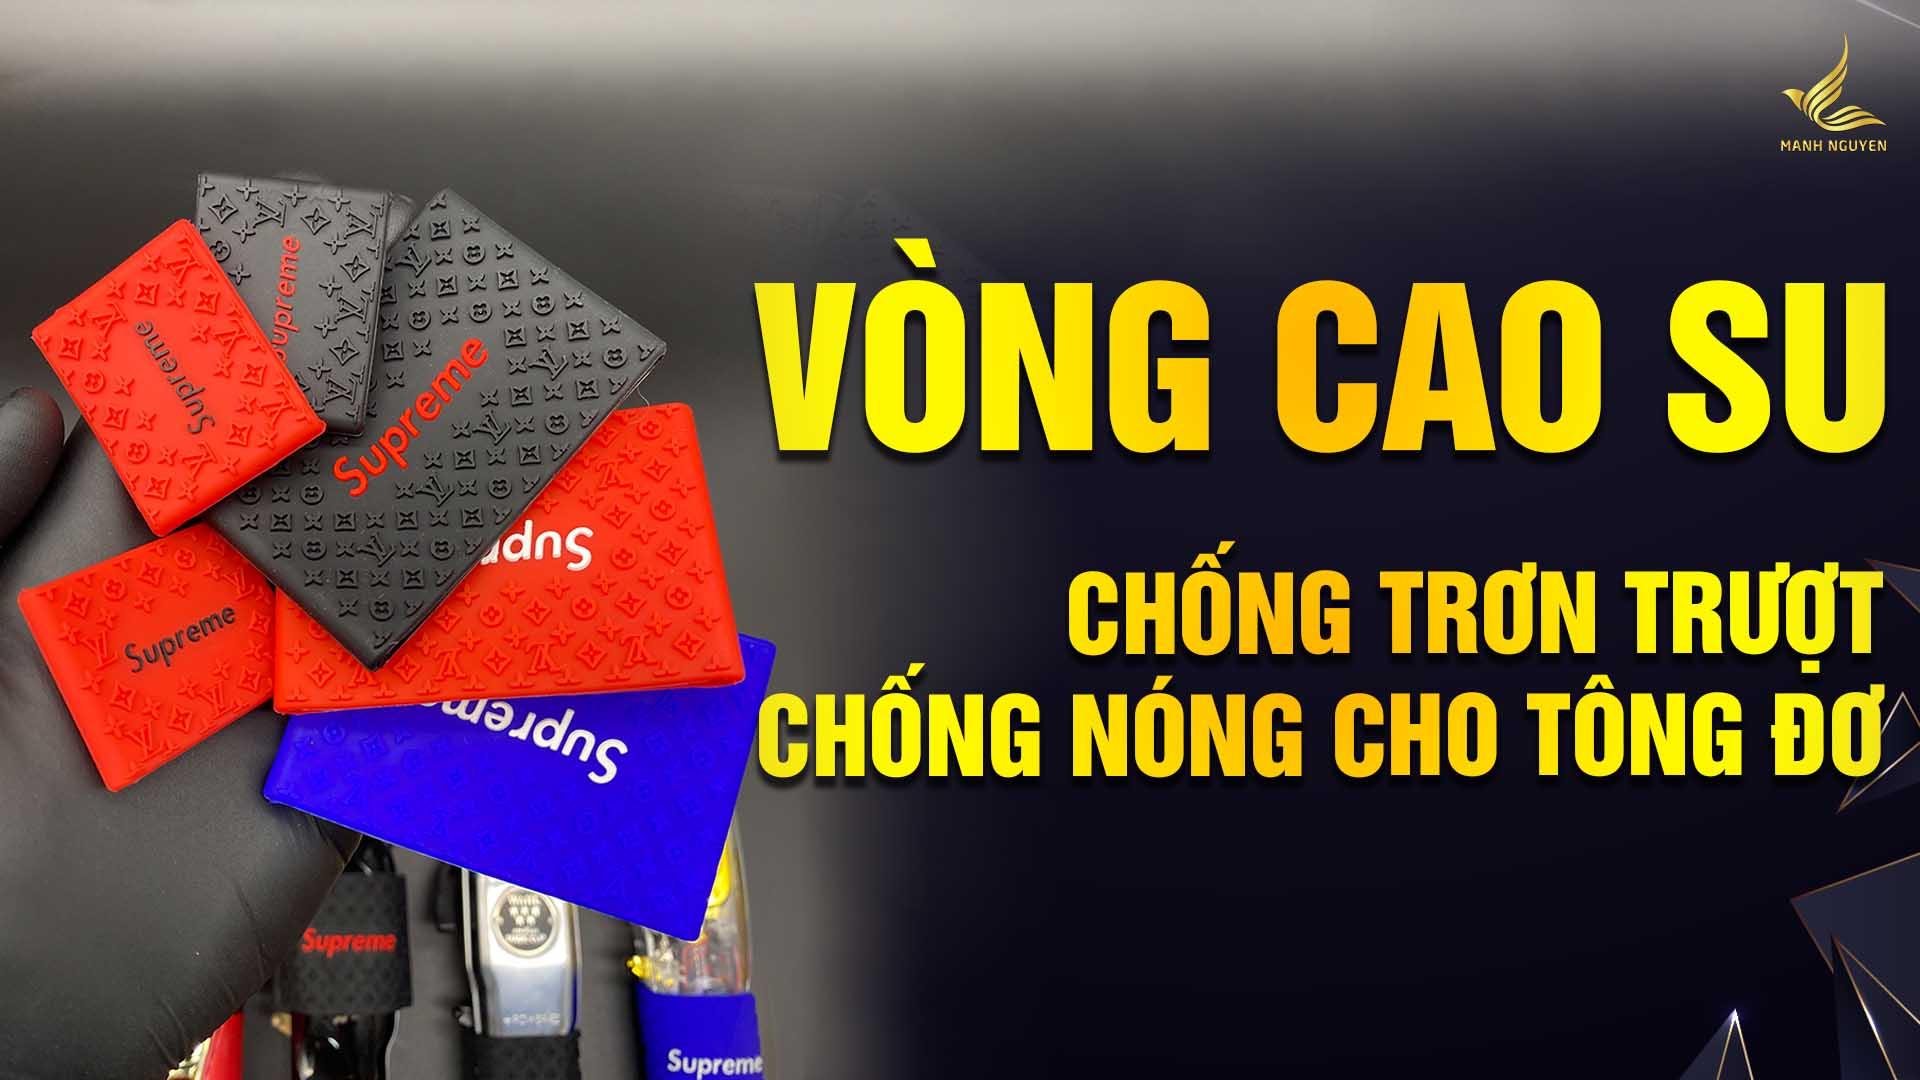 vong cao su chong tron, chong nong cho tong do.